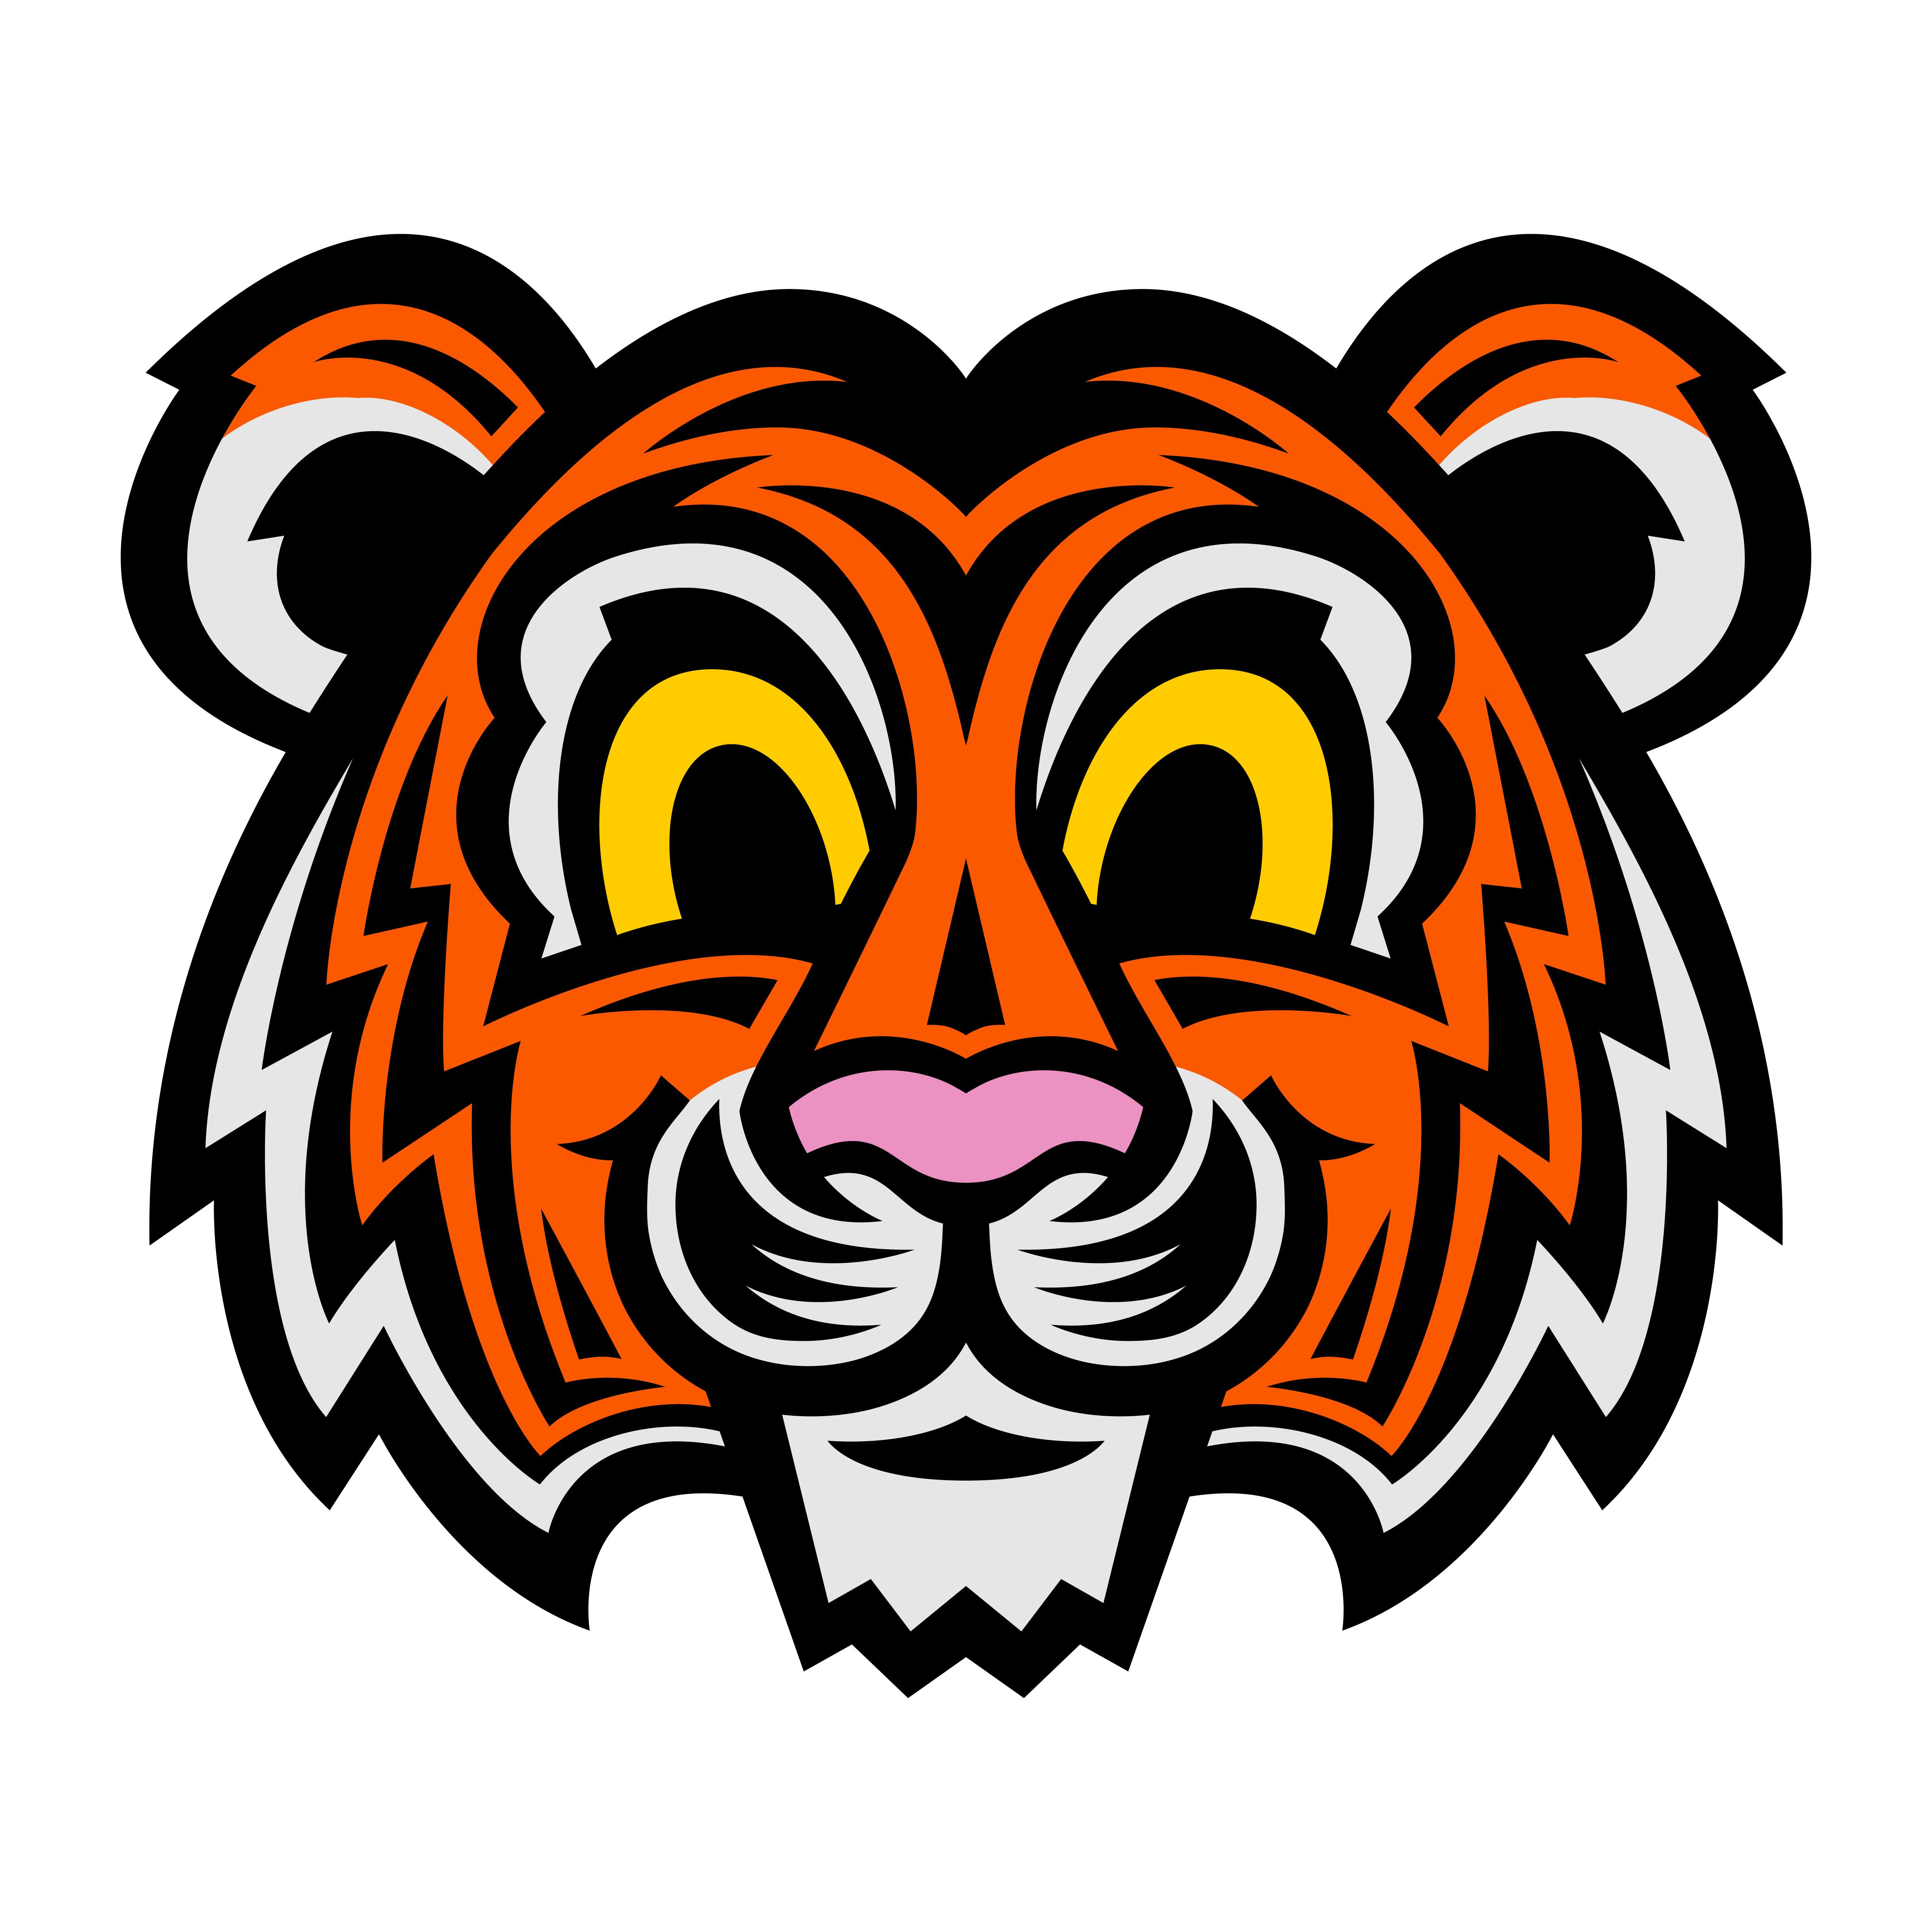 Cute Cartoon Tiger Cat - Download Free Vectors, Clipart ...